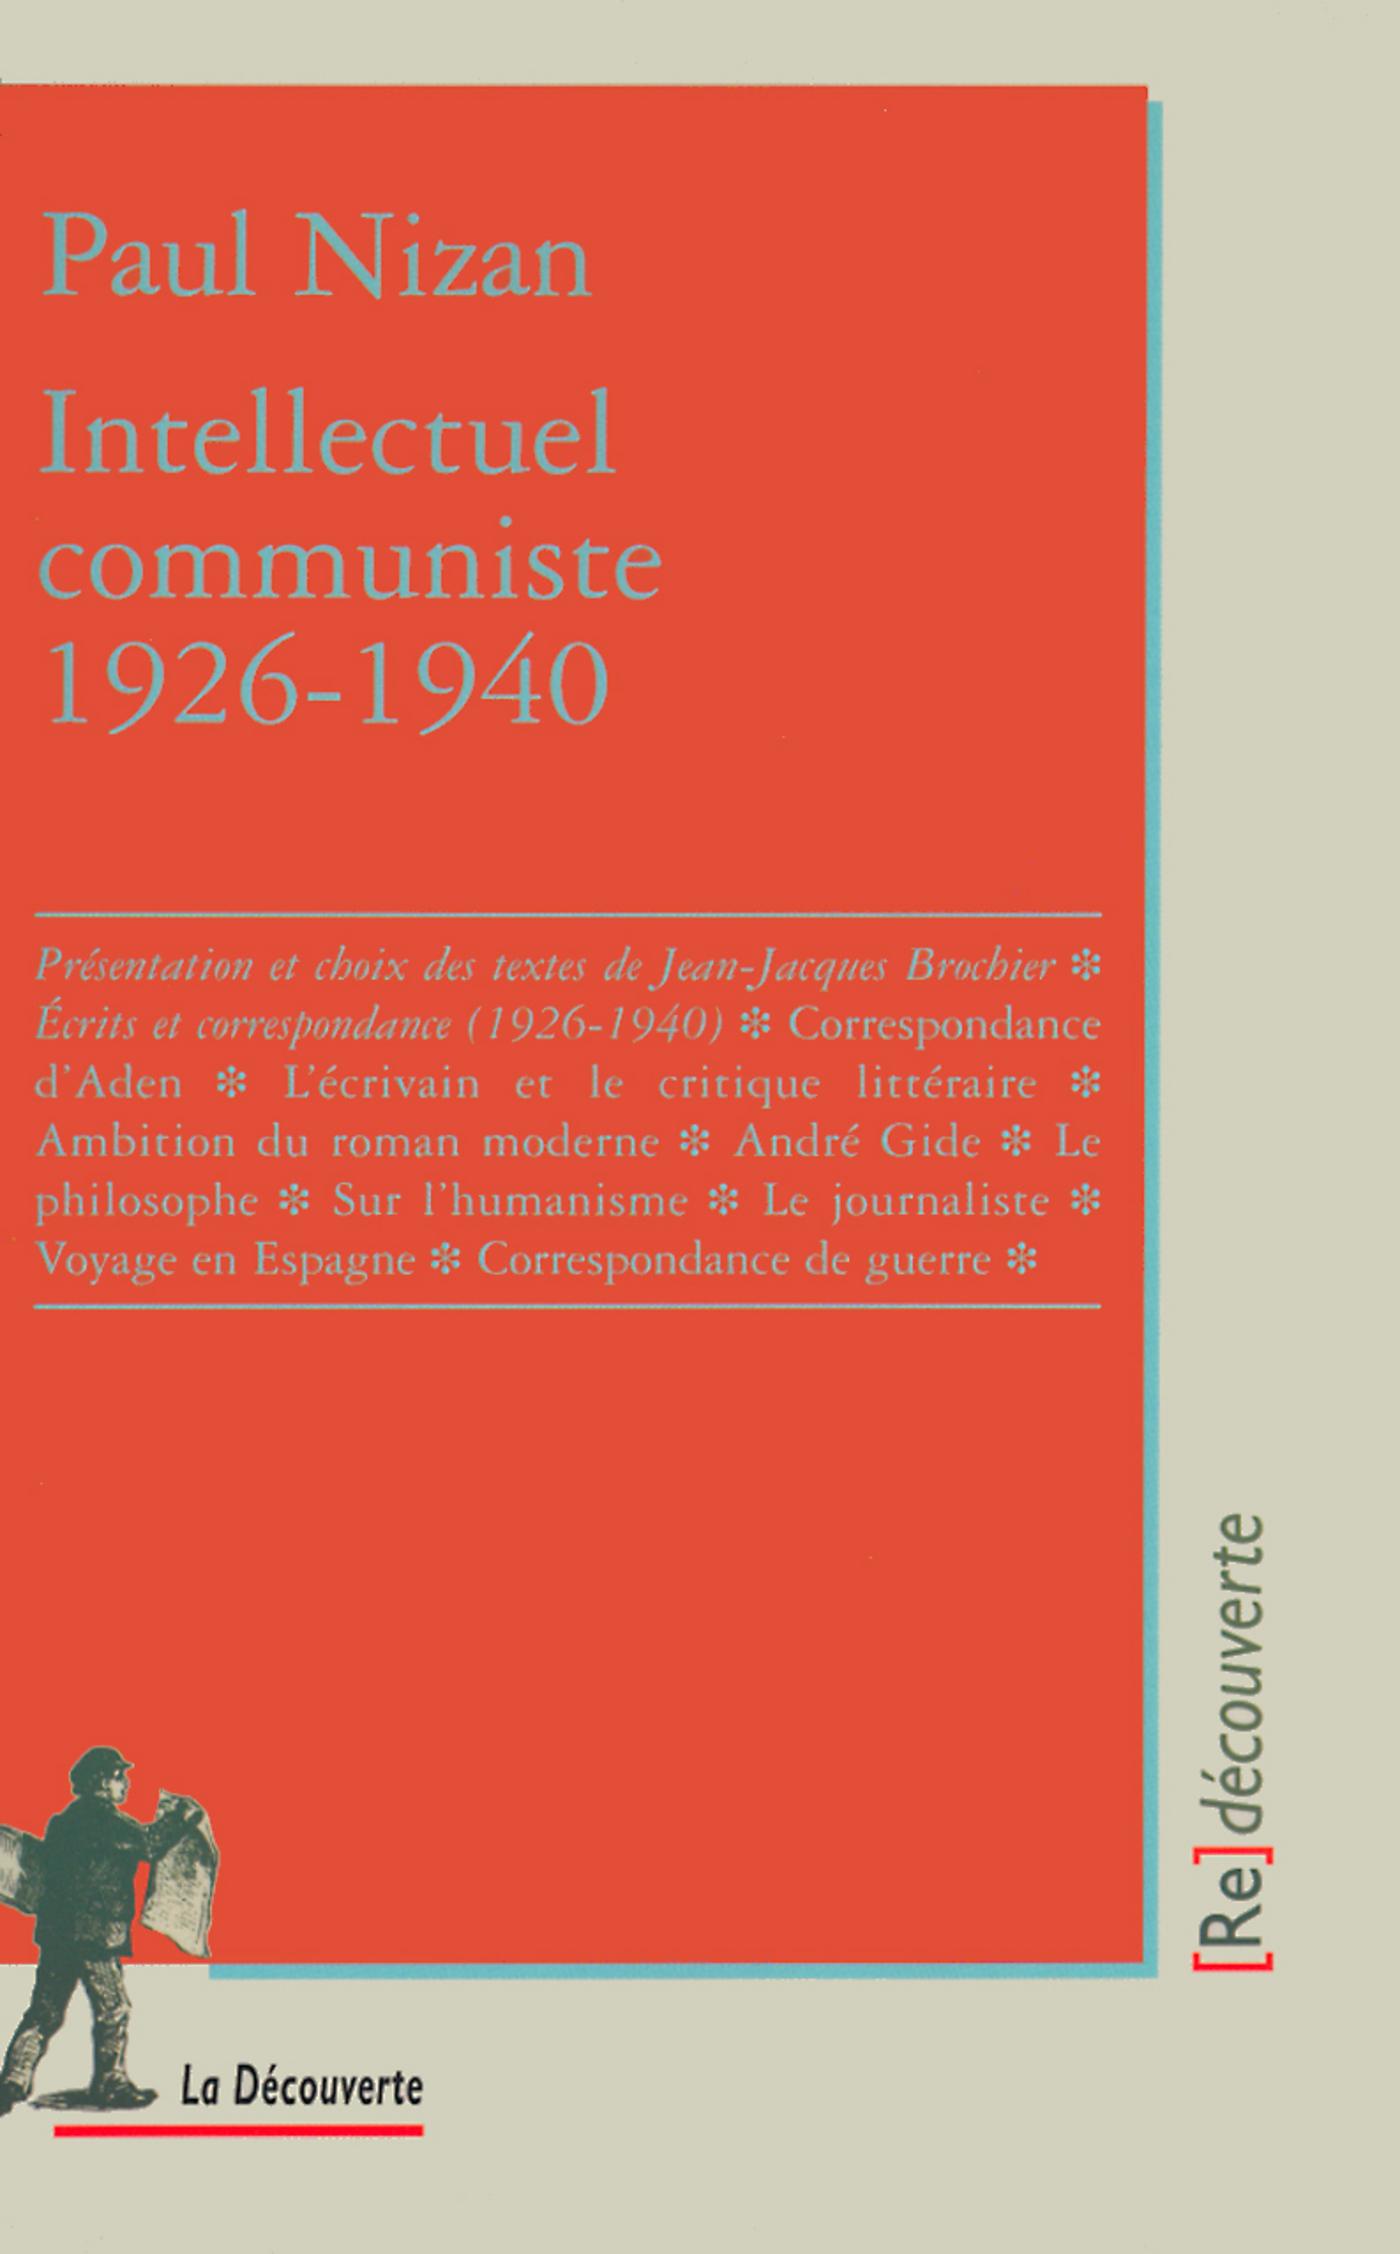 Intellectuel communiste (1926-1940) (ebook)